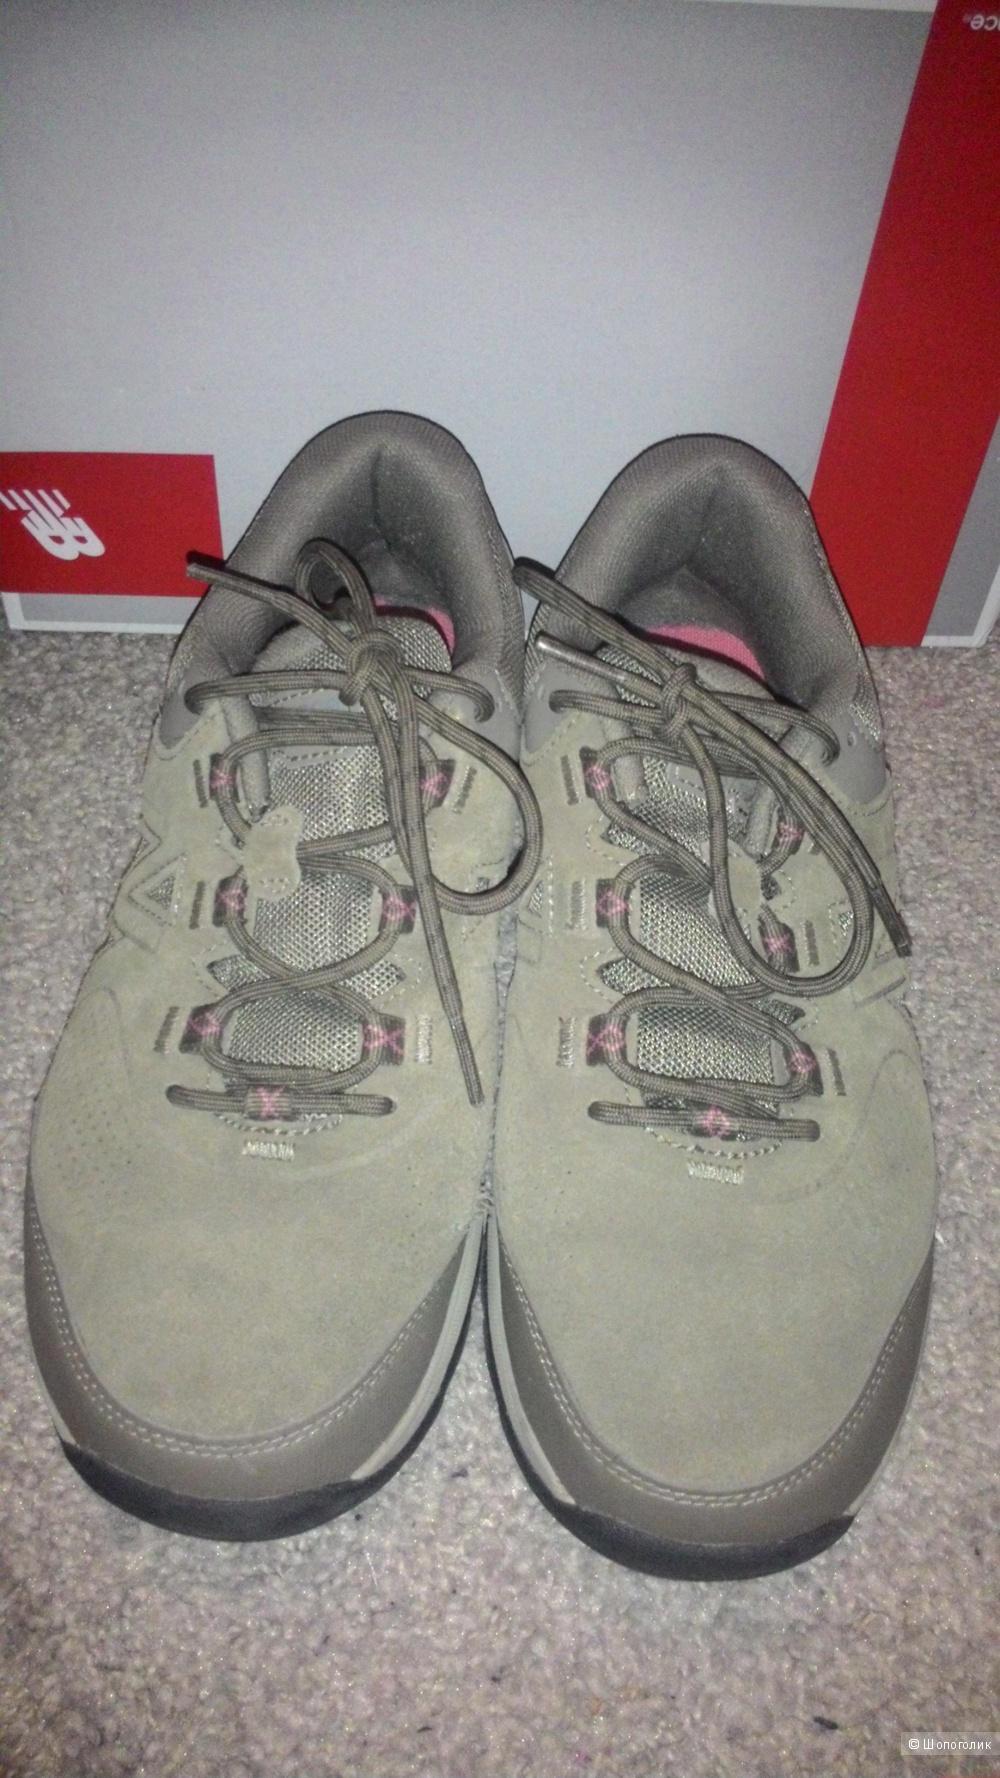 Новые кроссовки NEW BALANCE 769, серые, на широкую ногу, р-р EUR 40,5/UK 7/US 9 WIDE D, с небольшим дефектом.